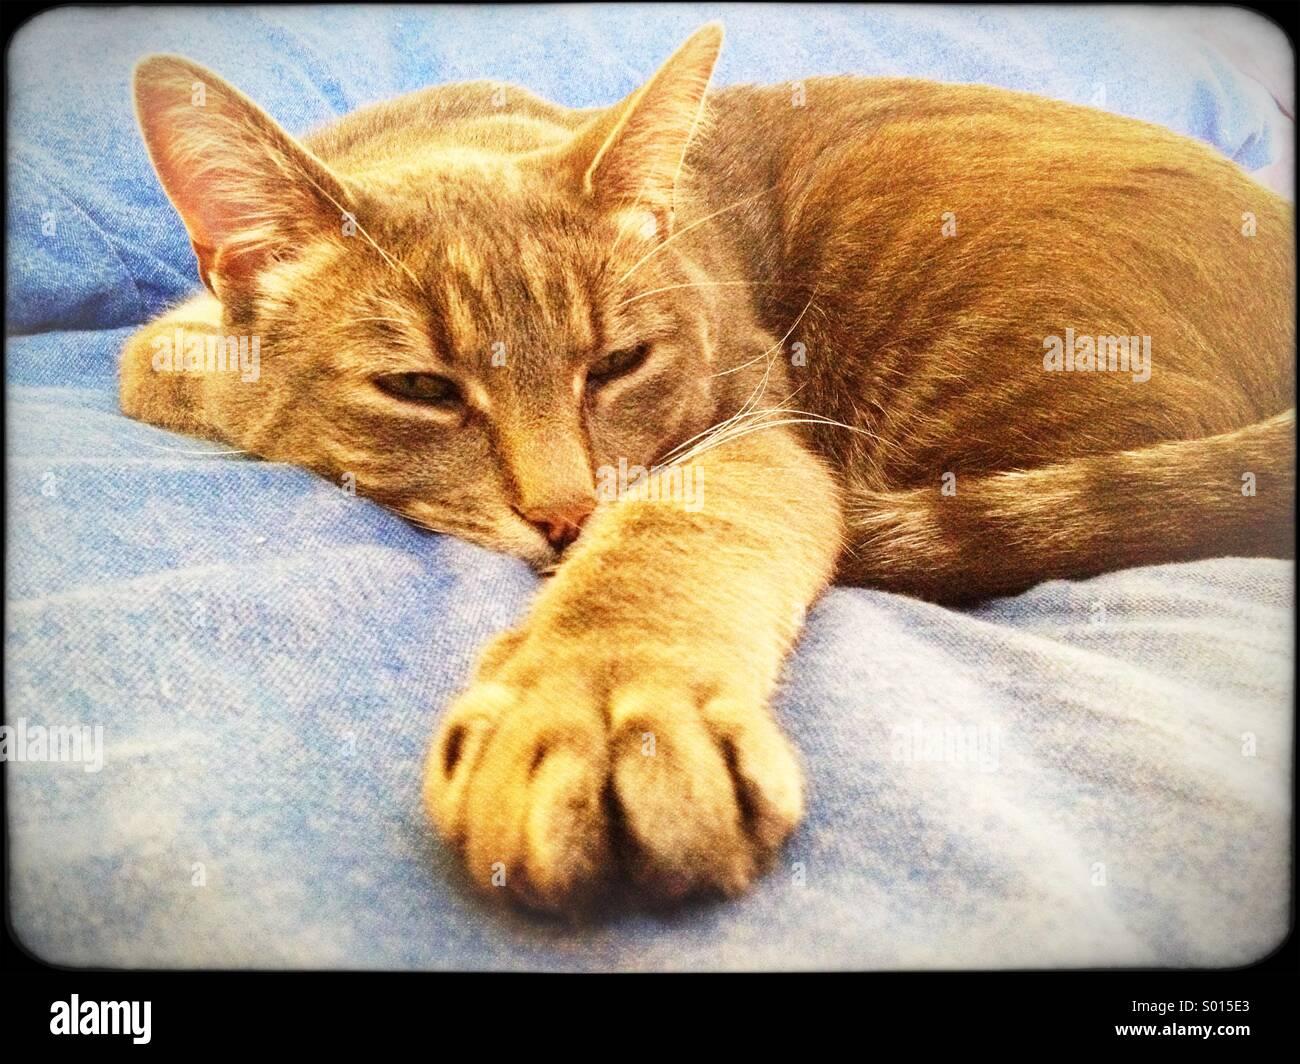 Chat tigré somnoler sur feuilles bleu Photo Stock